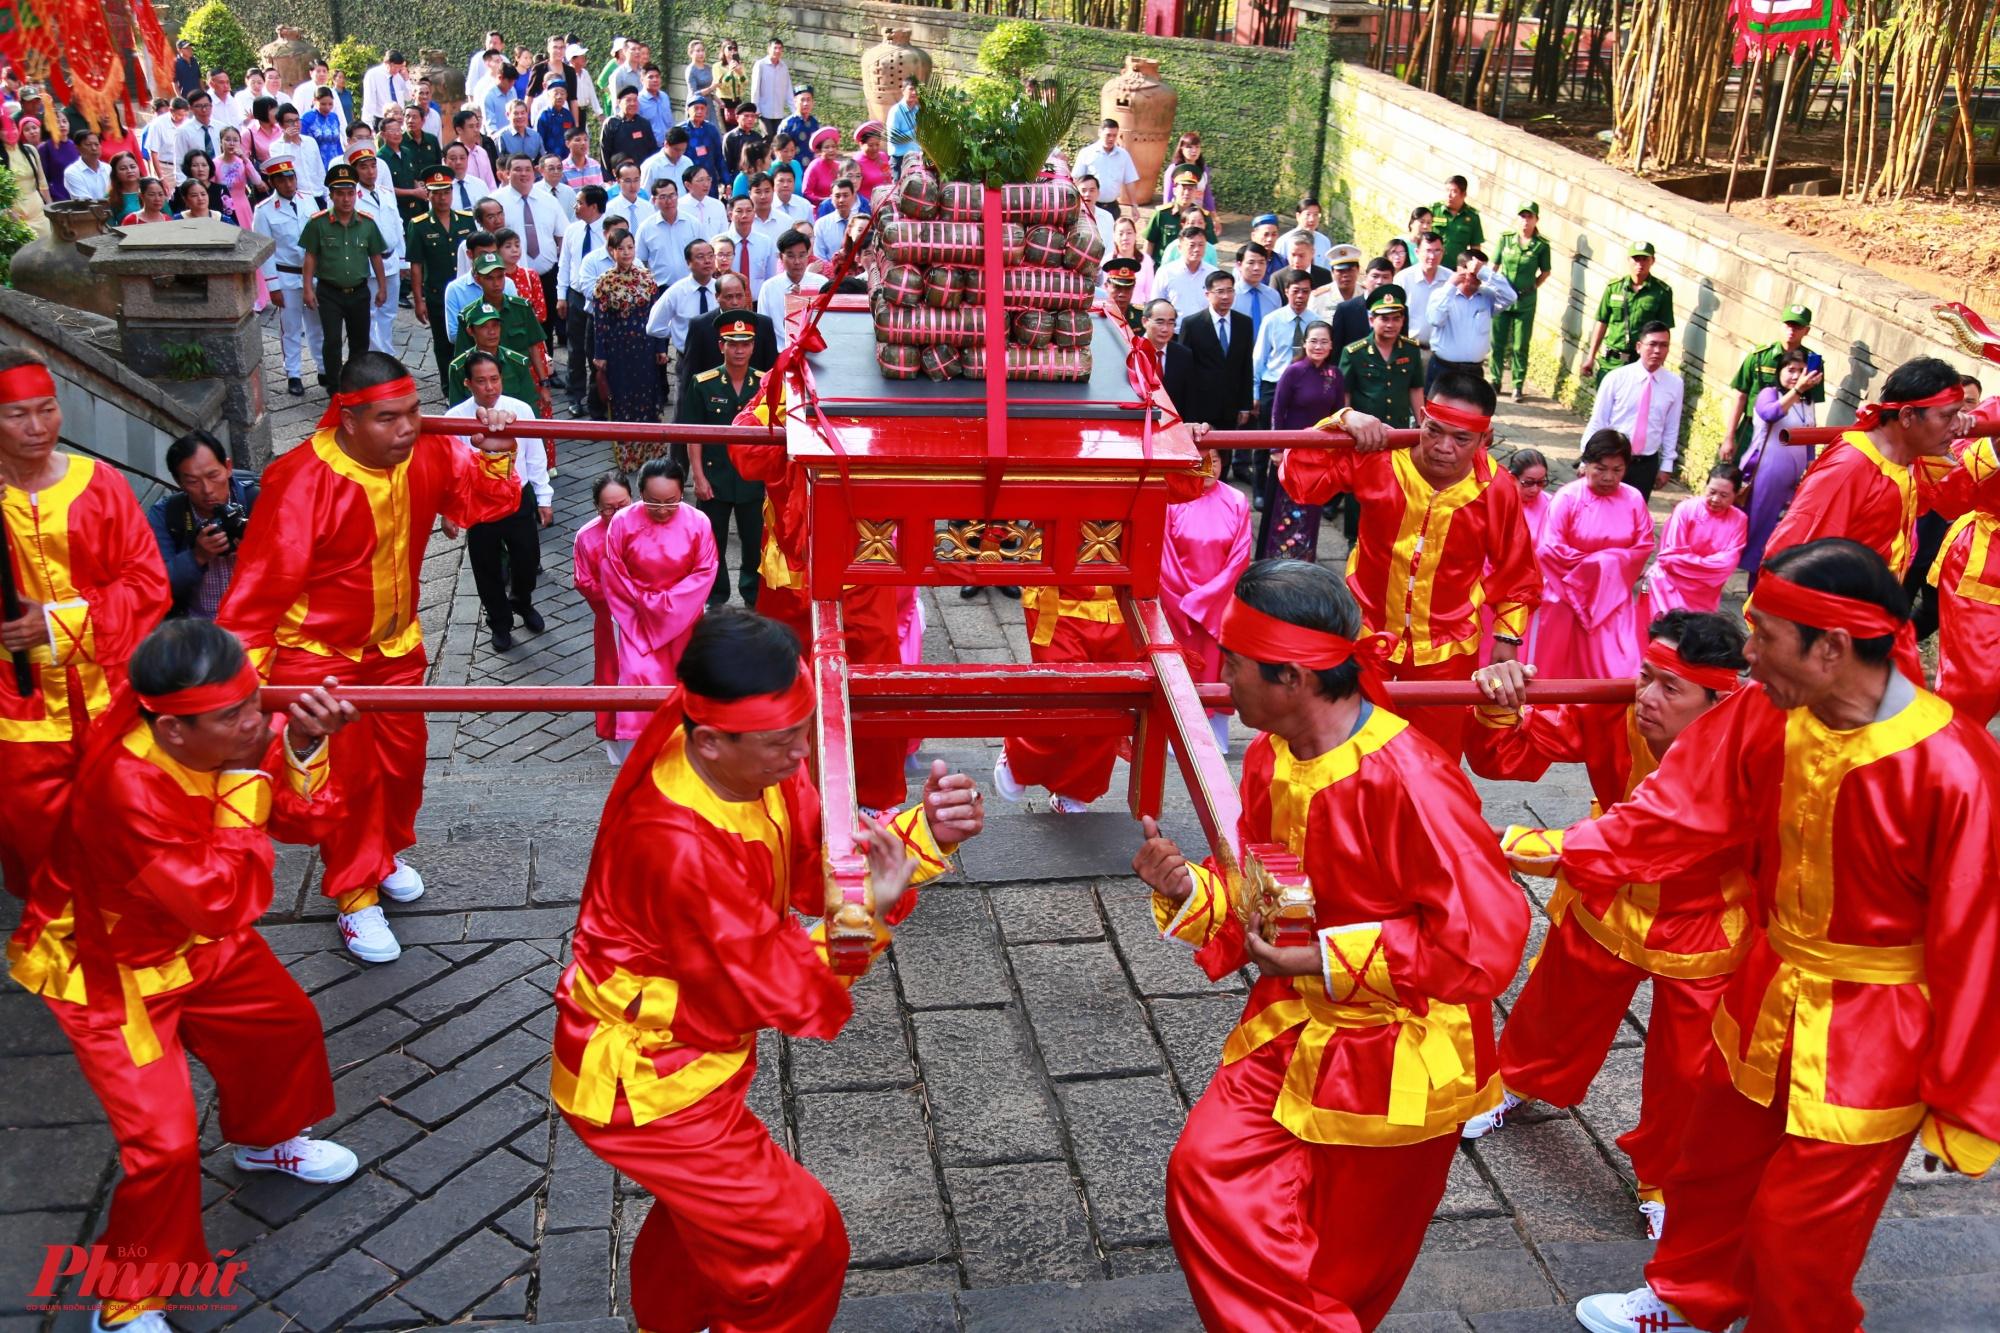 Đội nghi thức tiến về đền Hùng, thực hiện nghi lễ dâng cúng.